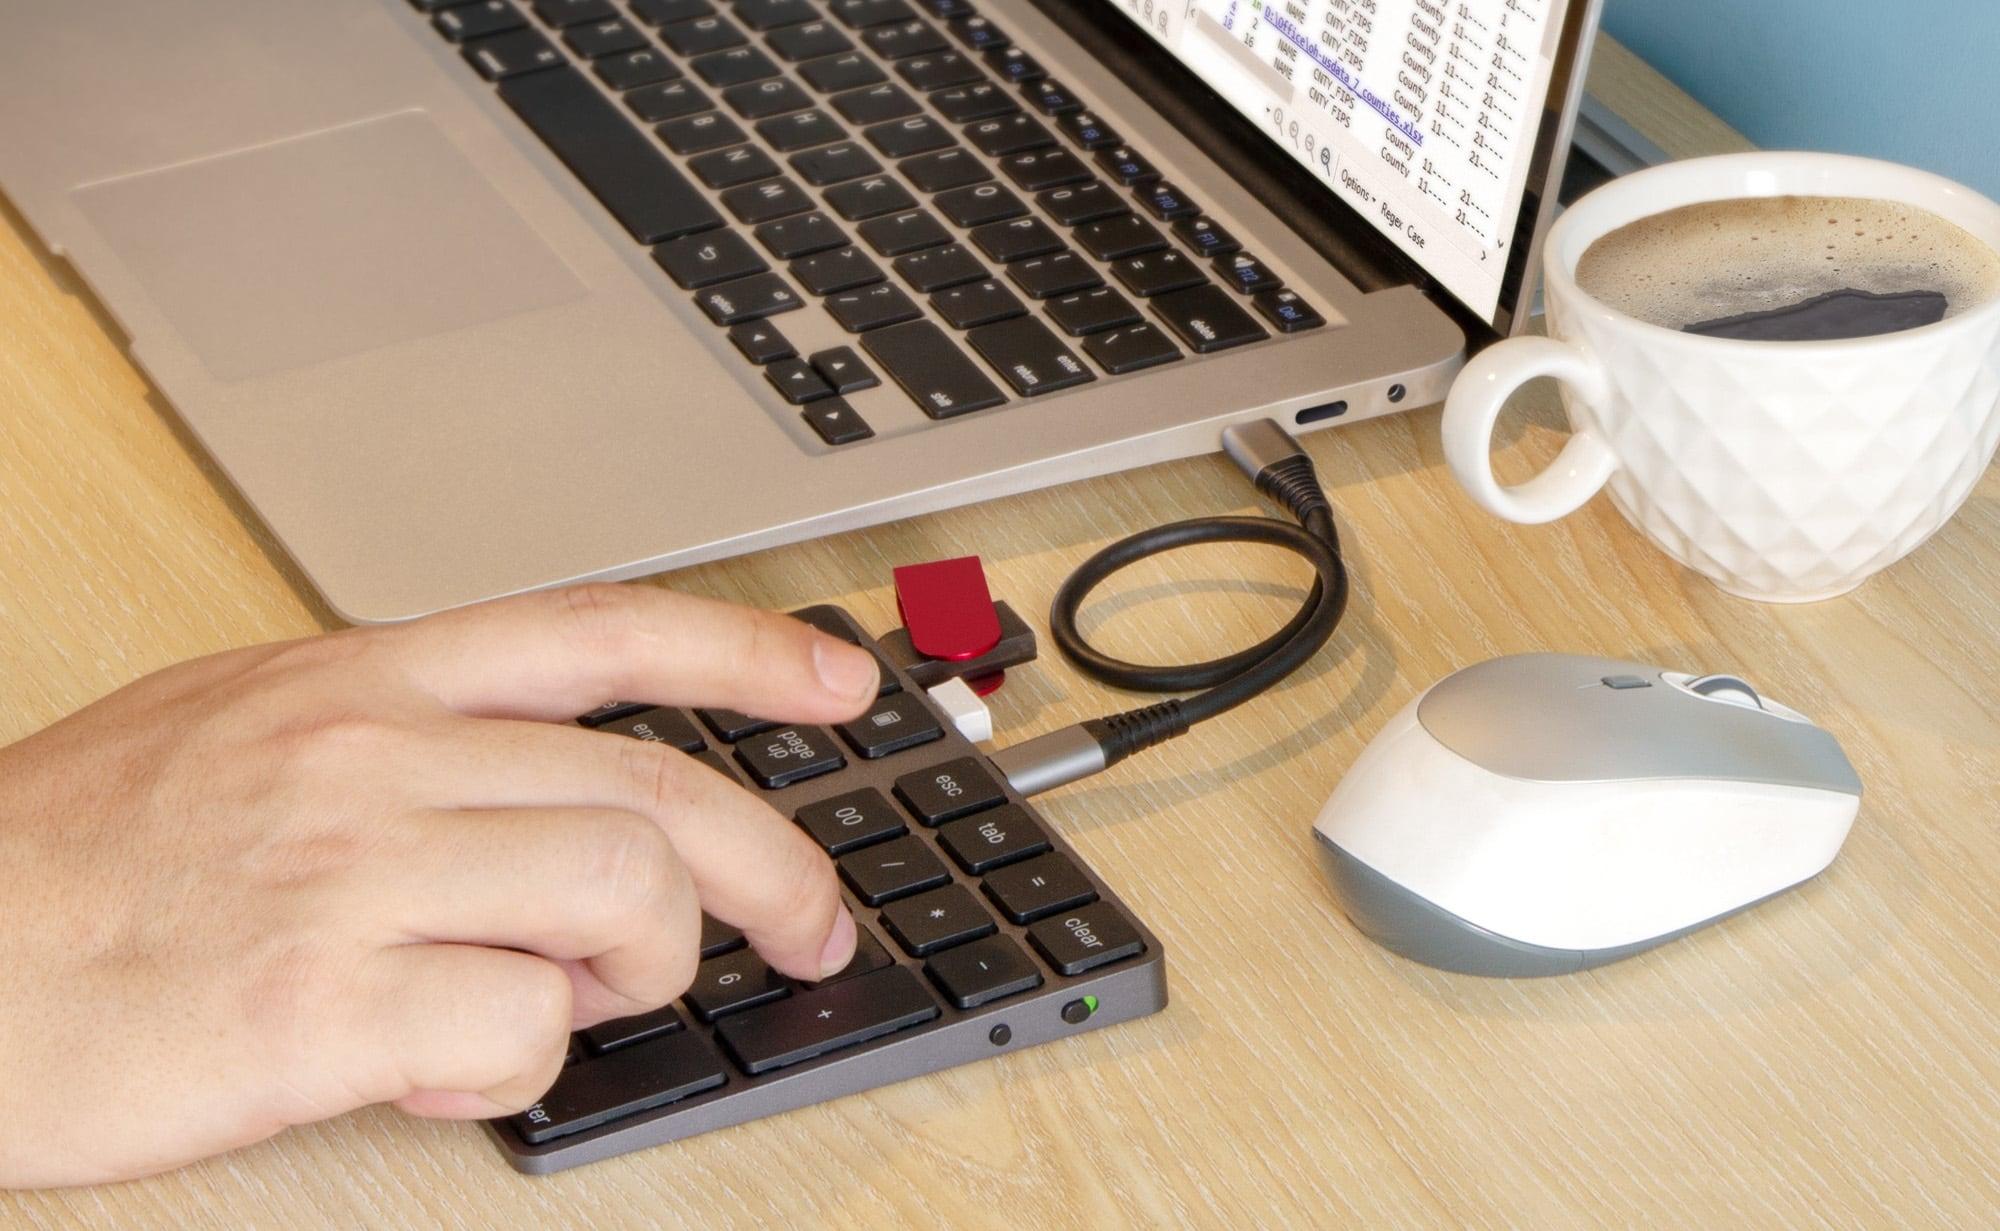 useful gadgets 2019 - VOAMOKO USB-C Numeric Keypad Bluetooth Numpad